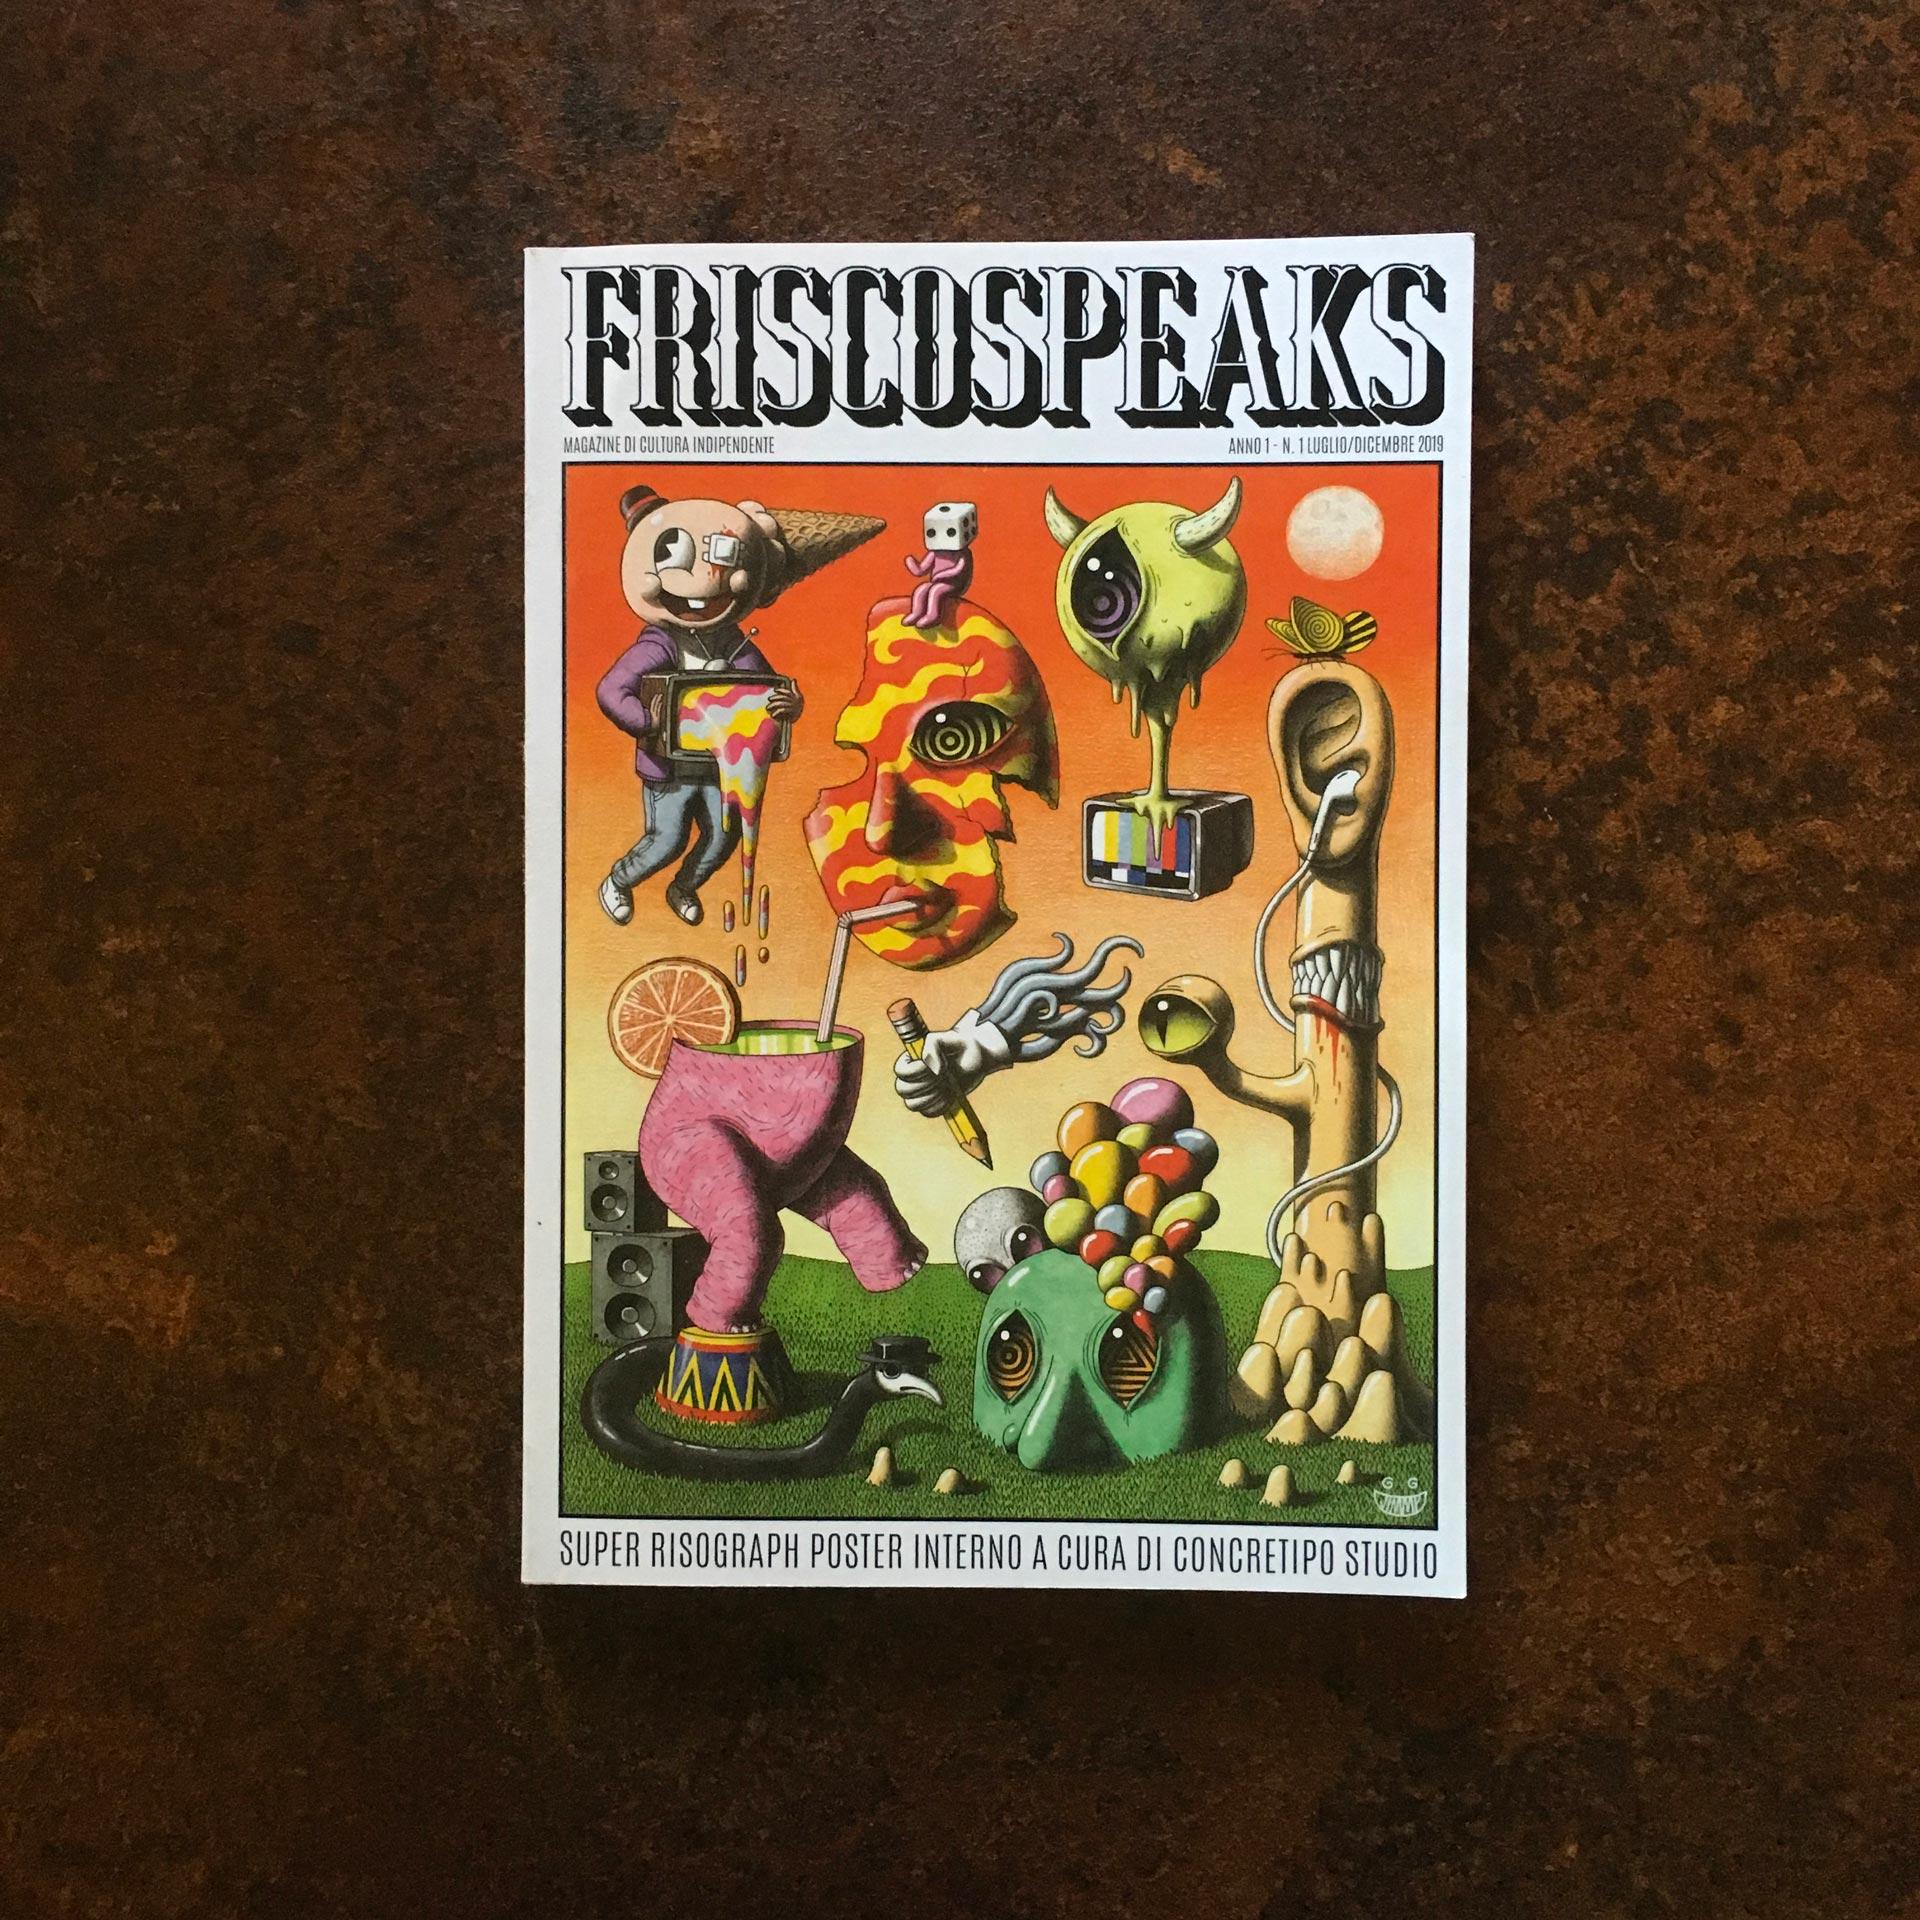 Presentazione della rivista indipendente Friscospeaks